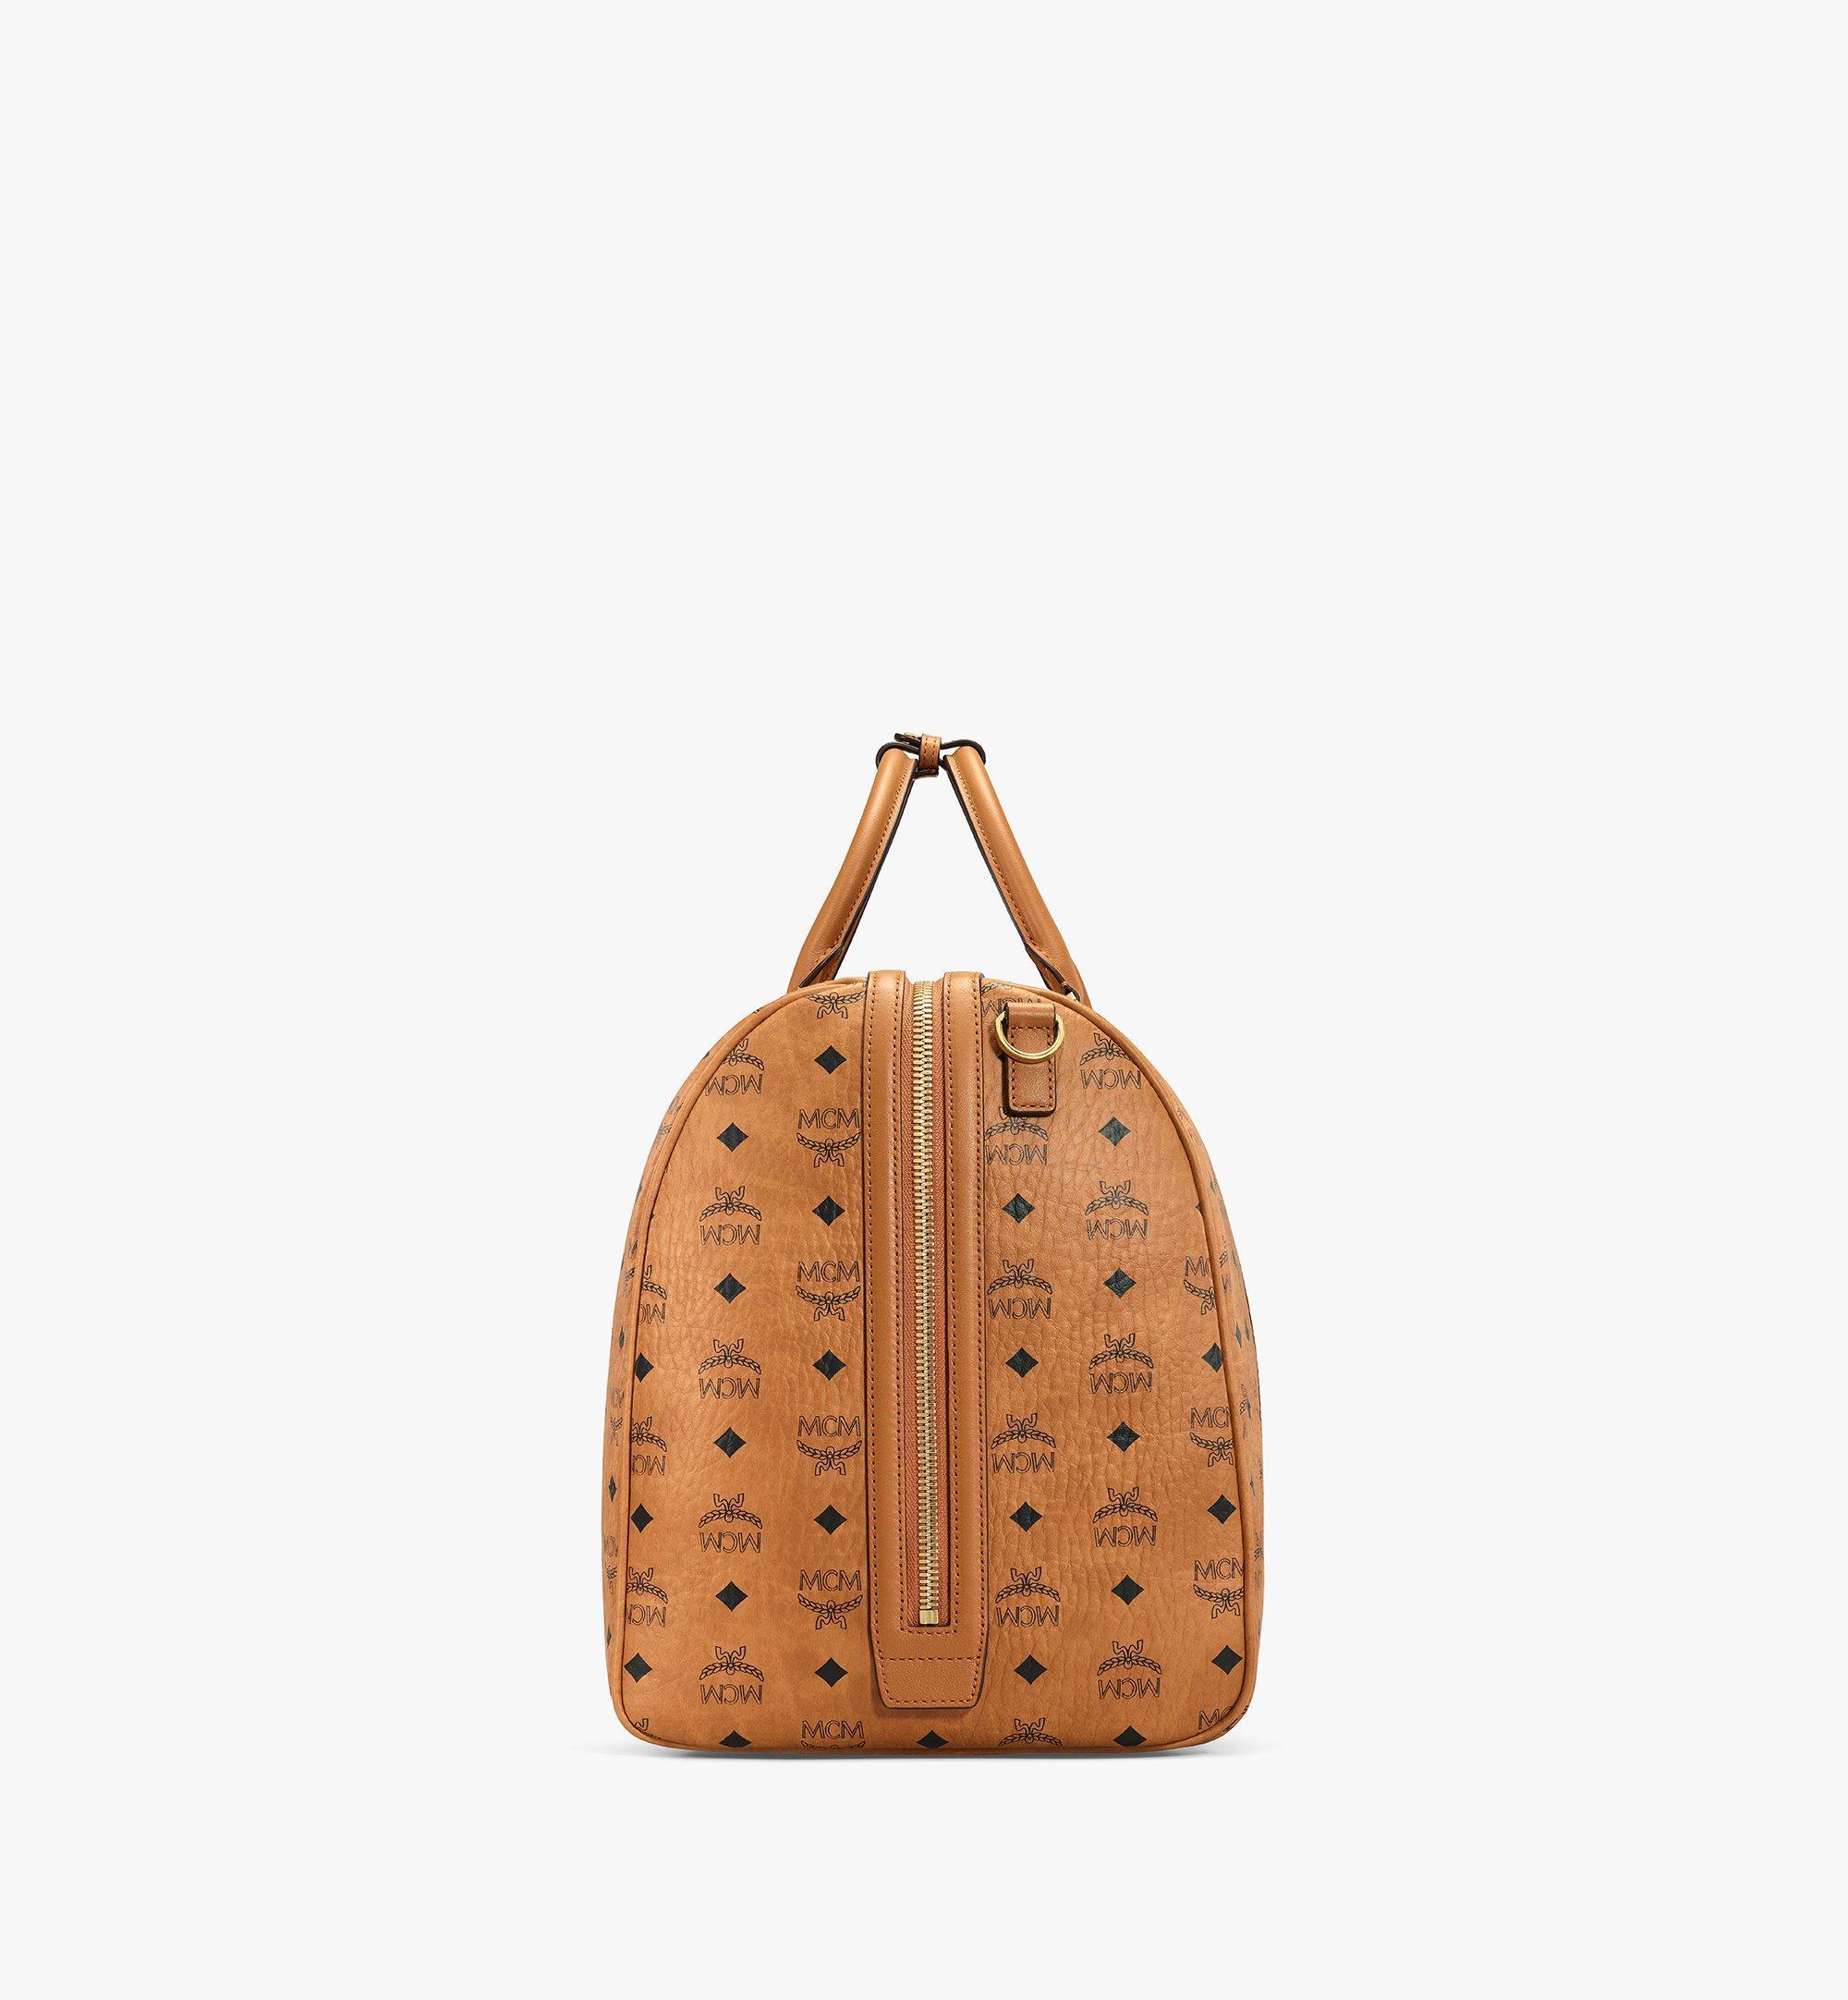 MCM Traveler Weekender Bag in Visetos Cognac MMVAAVY01CO001 Alternate View 1